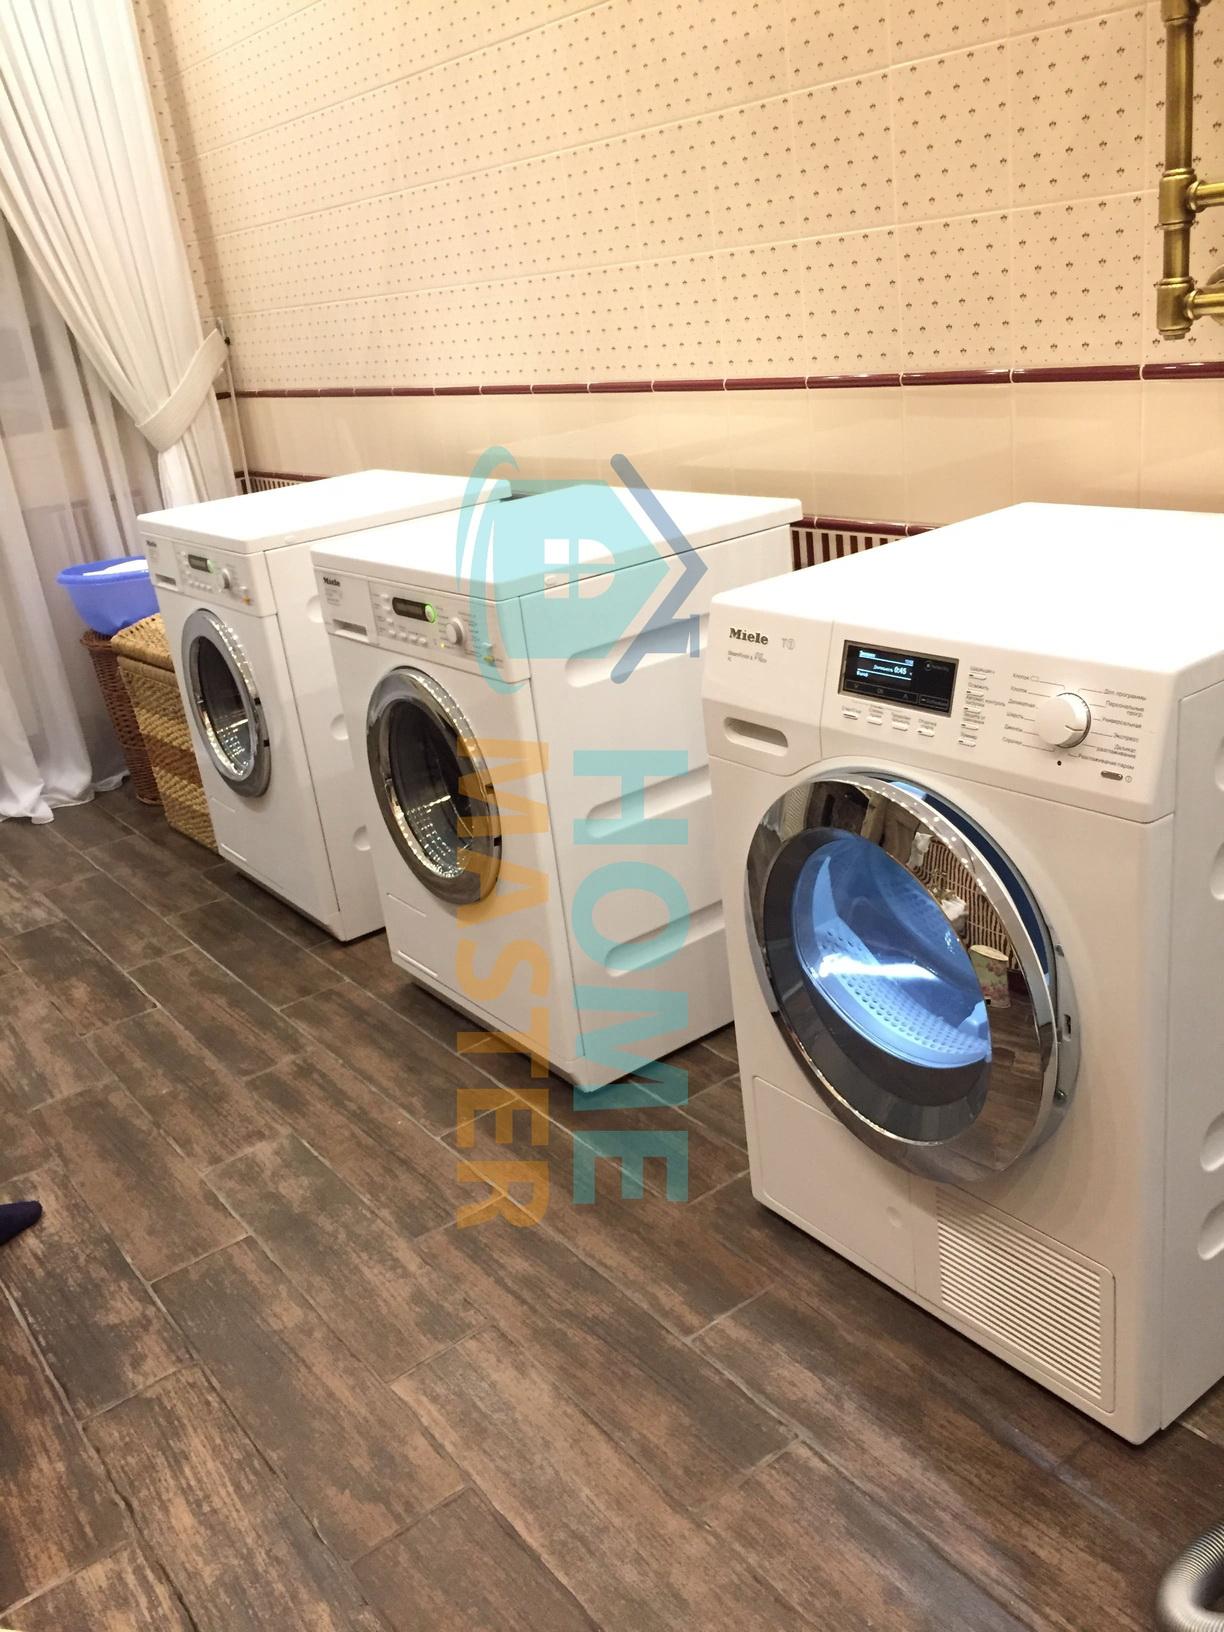 Профилактика стиральной и сушильной машины Миле